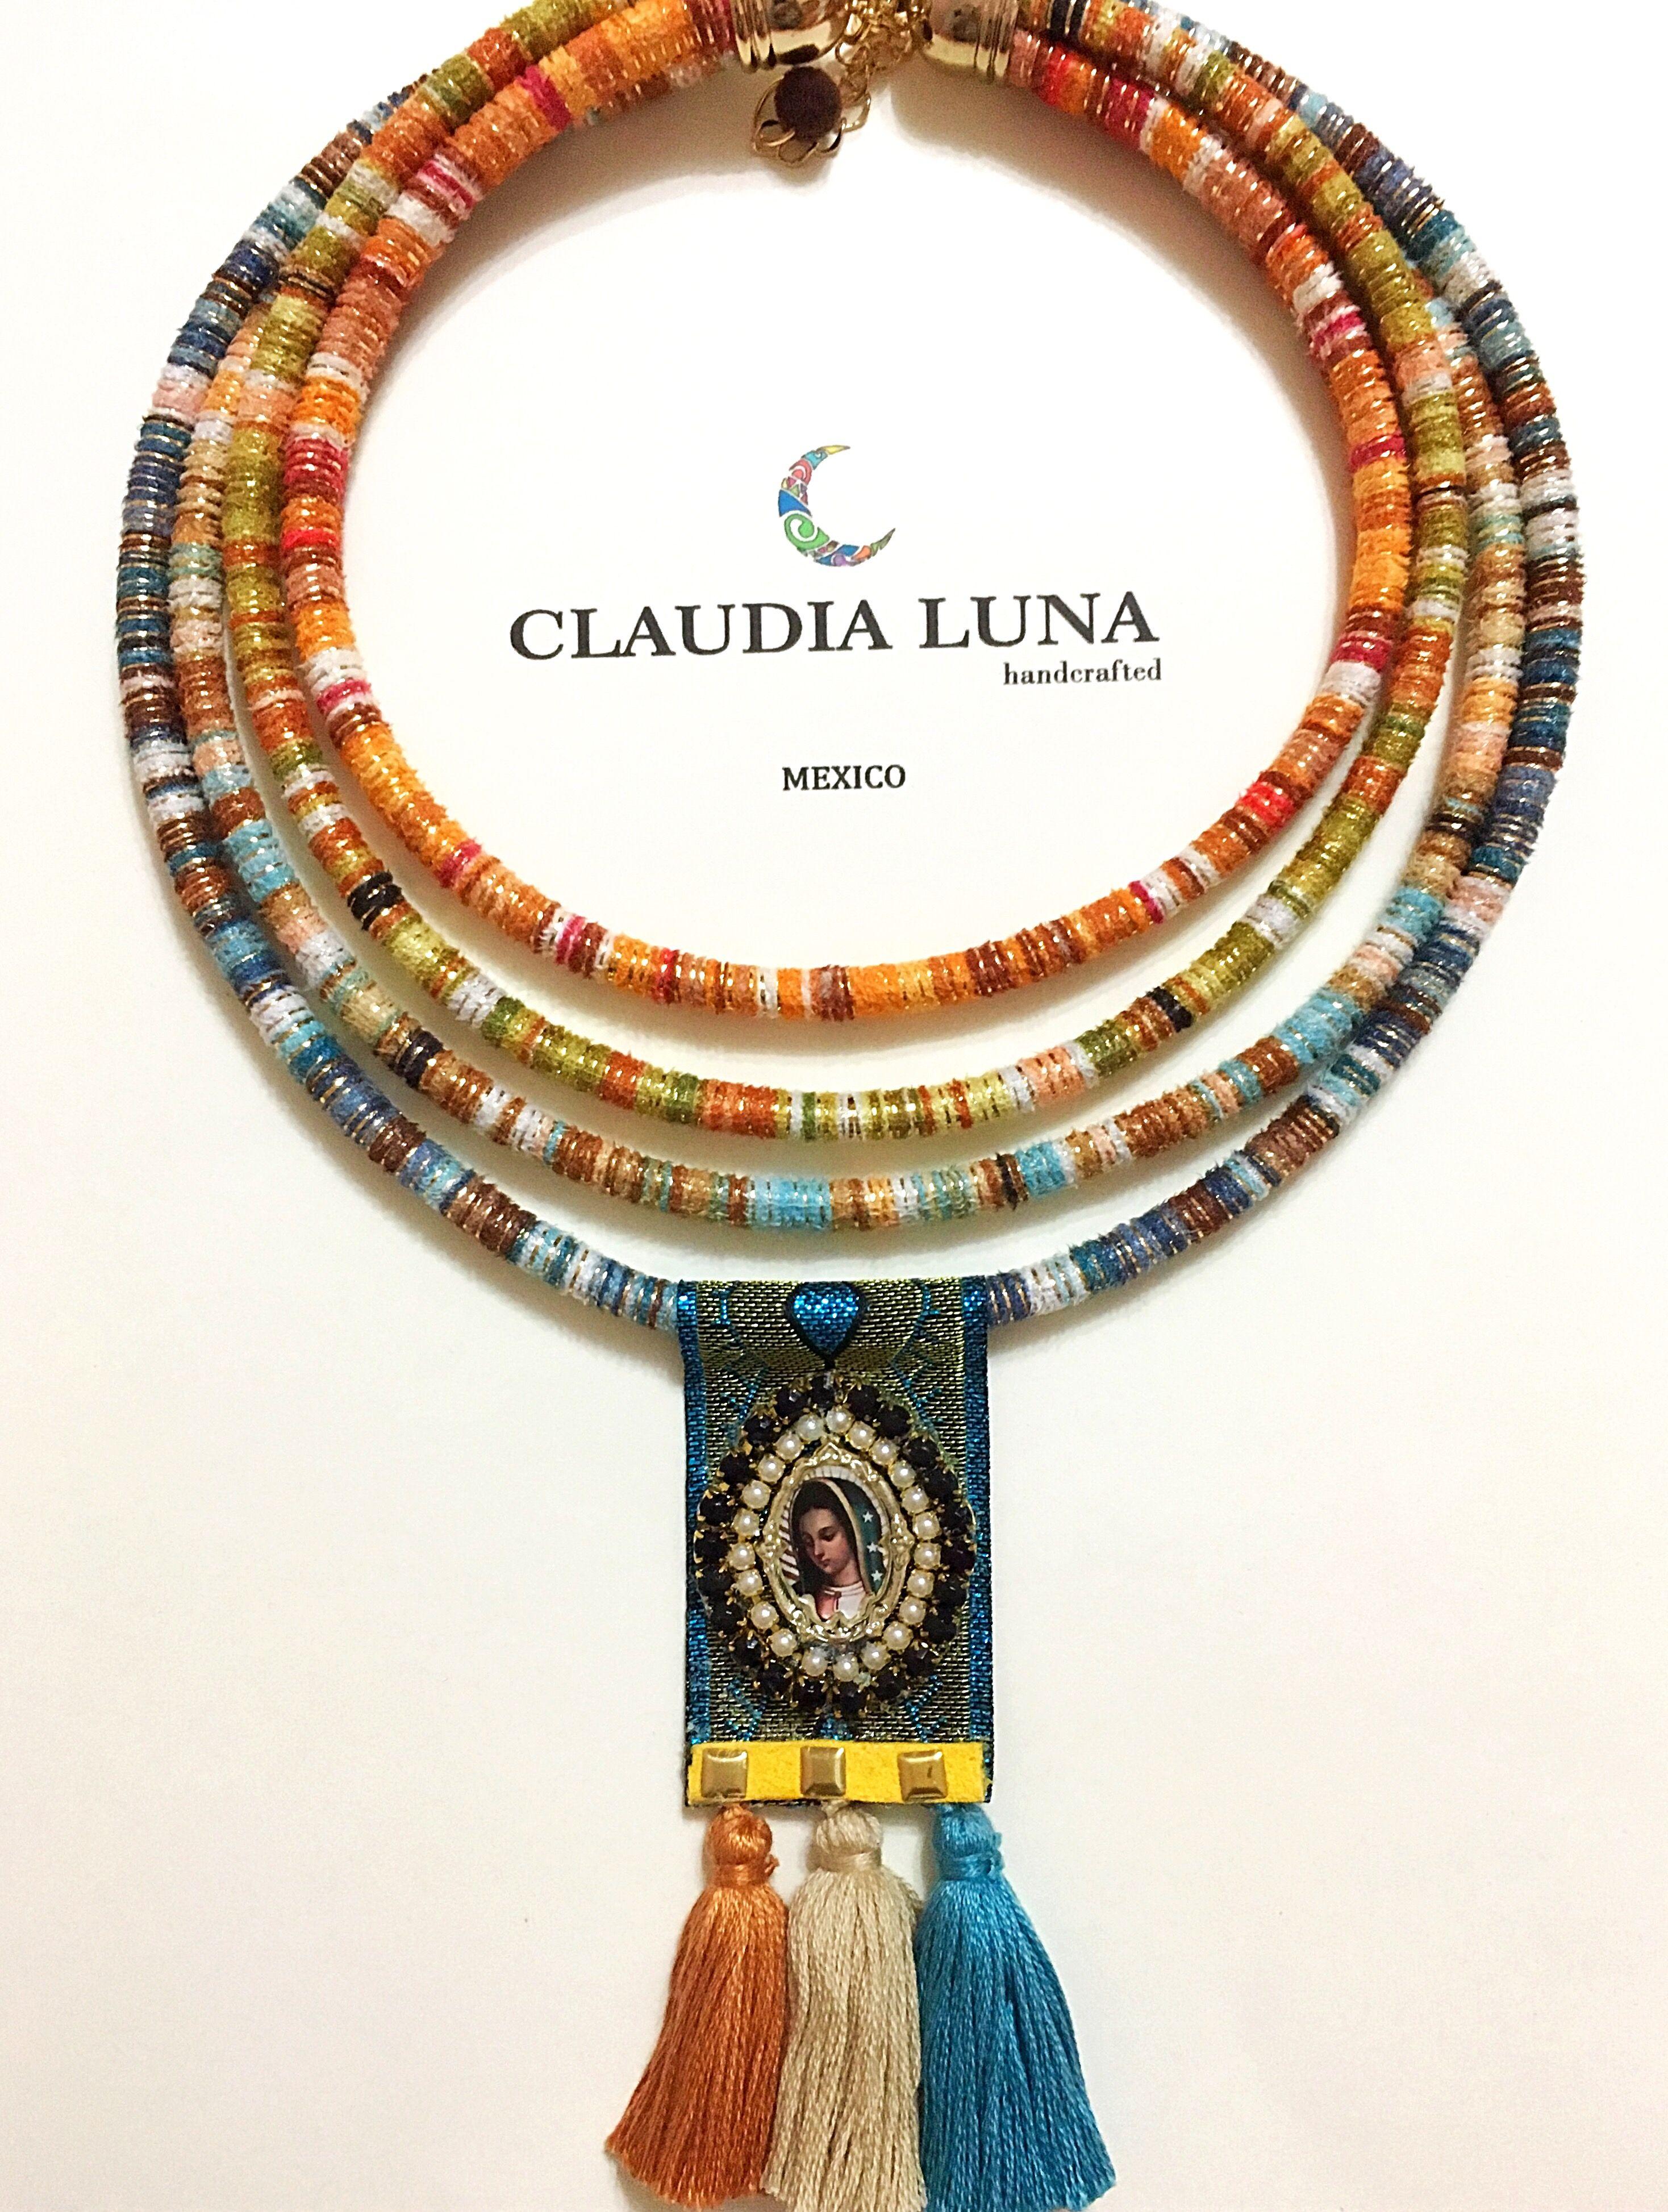 fb288451c9ed Collar cordón etnico con escapulario y motas. Diseño mexicano ...